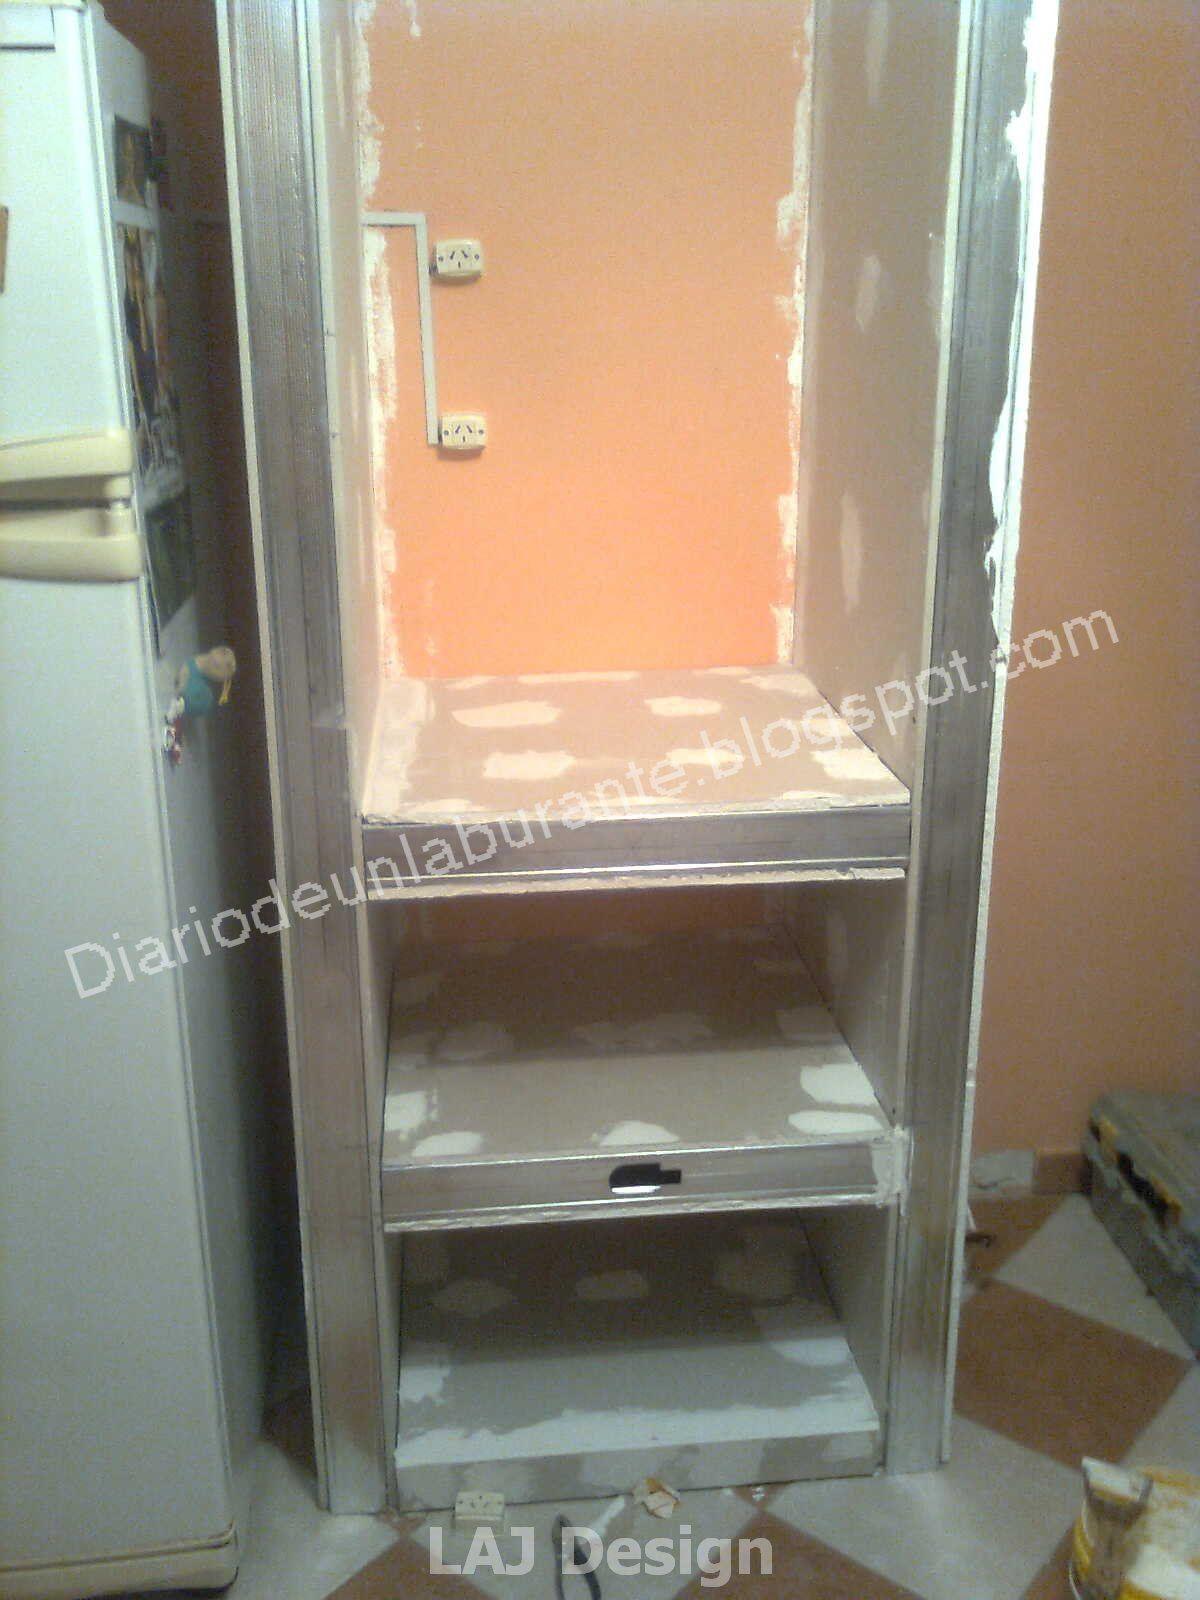 Pin De Leonardo Oro En Construcci N Durlock Pinterest Construcci N # Muebles Durlock Paso A Paso